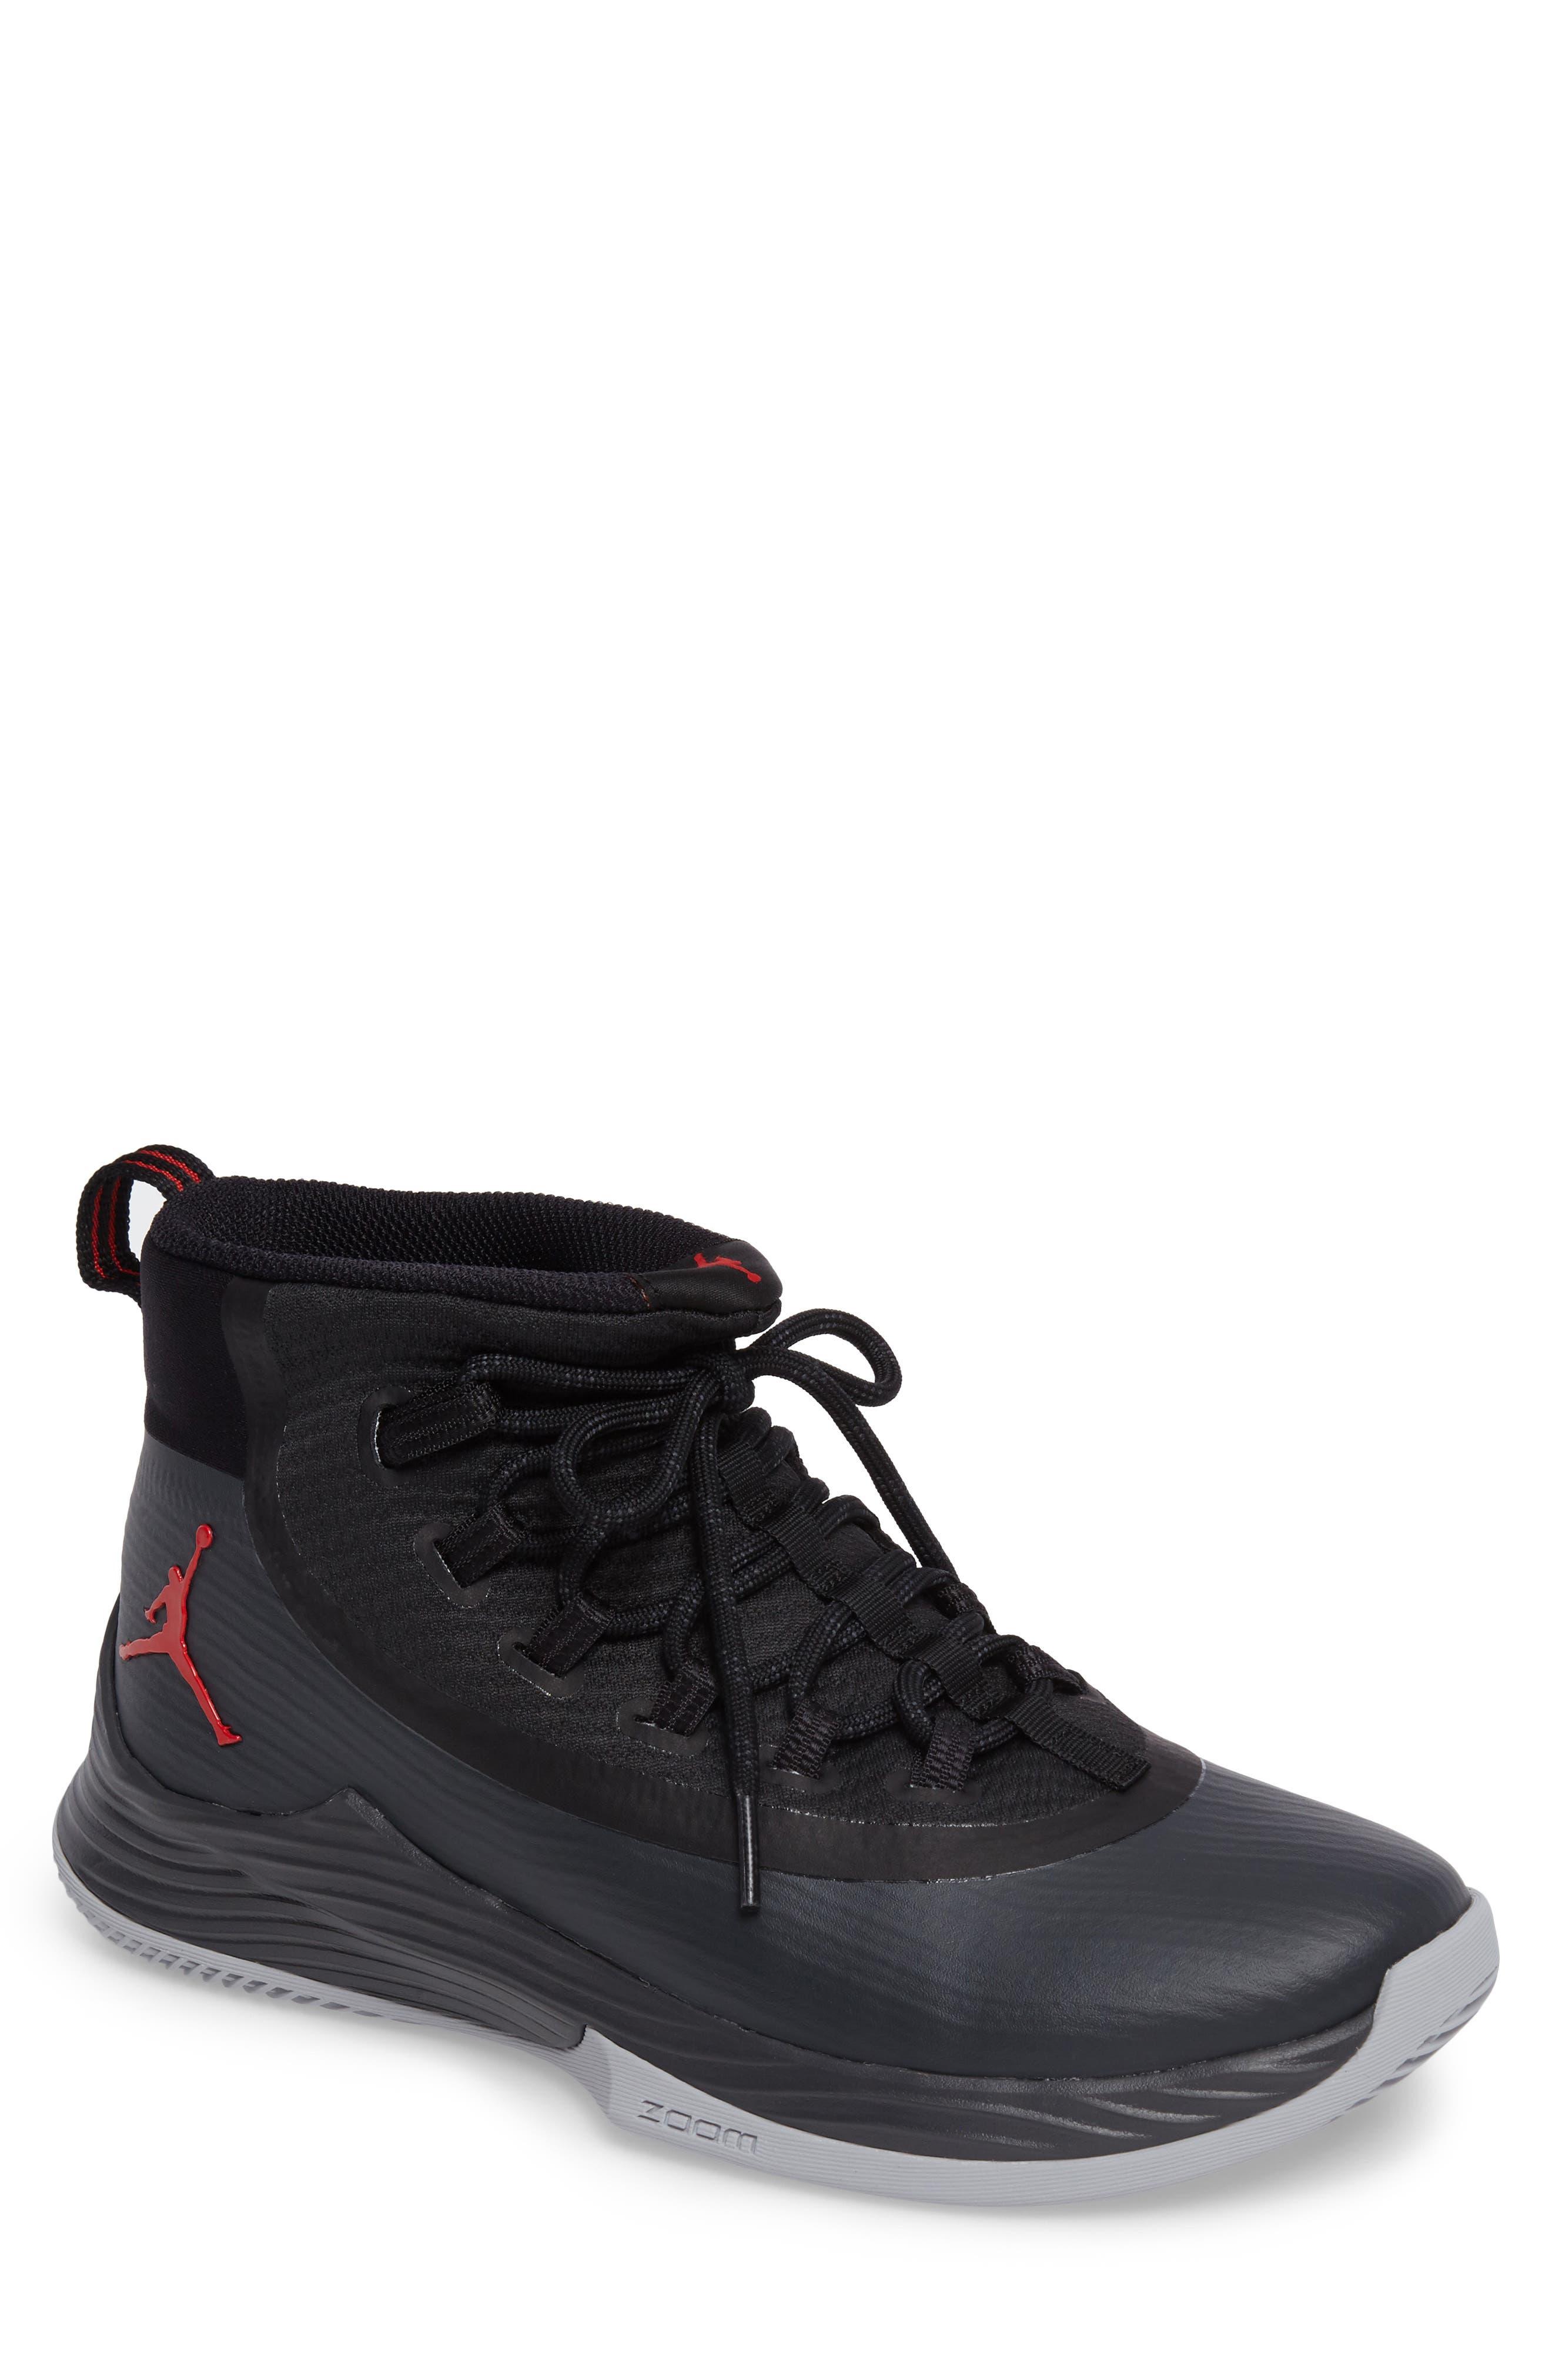 Jordan Ultra Fly 2 Basketball Shoe,                             Main thumbnail 1, color,                             002